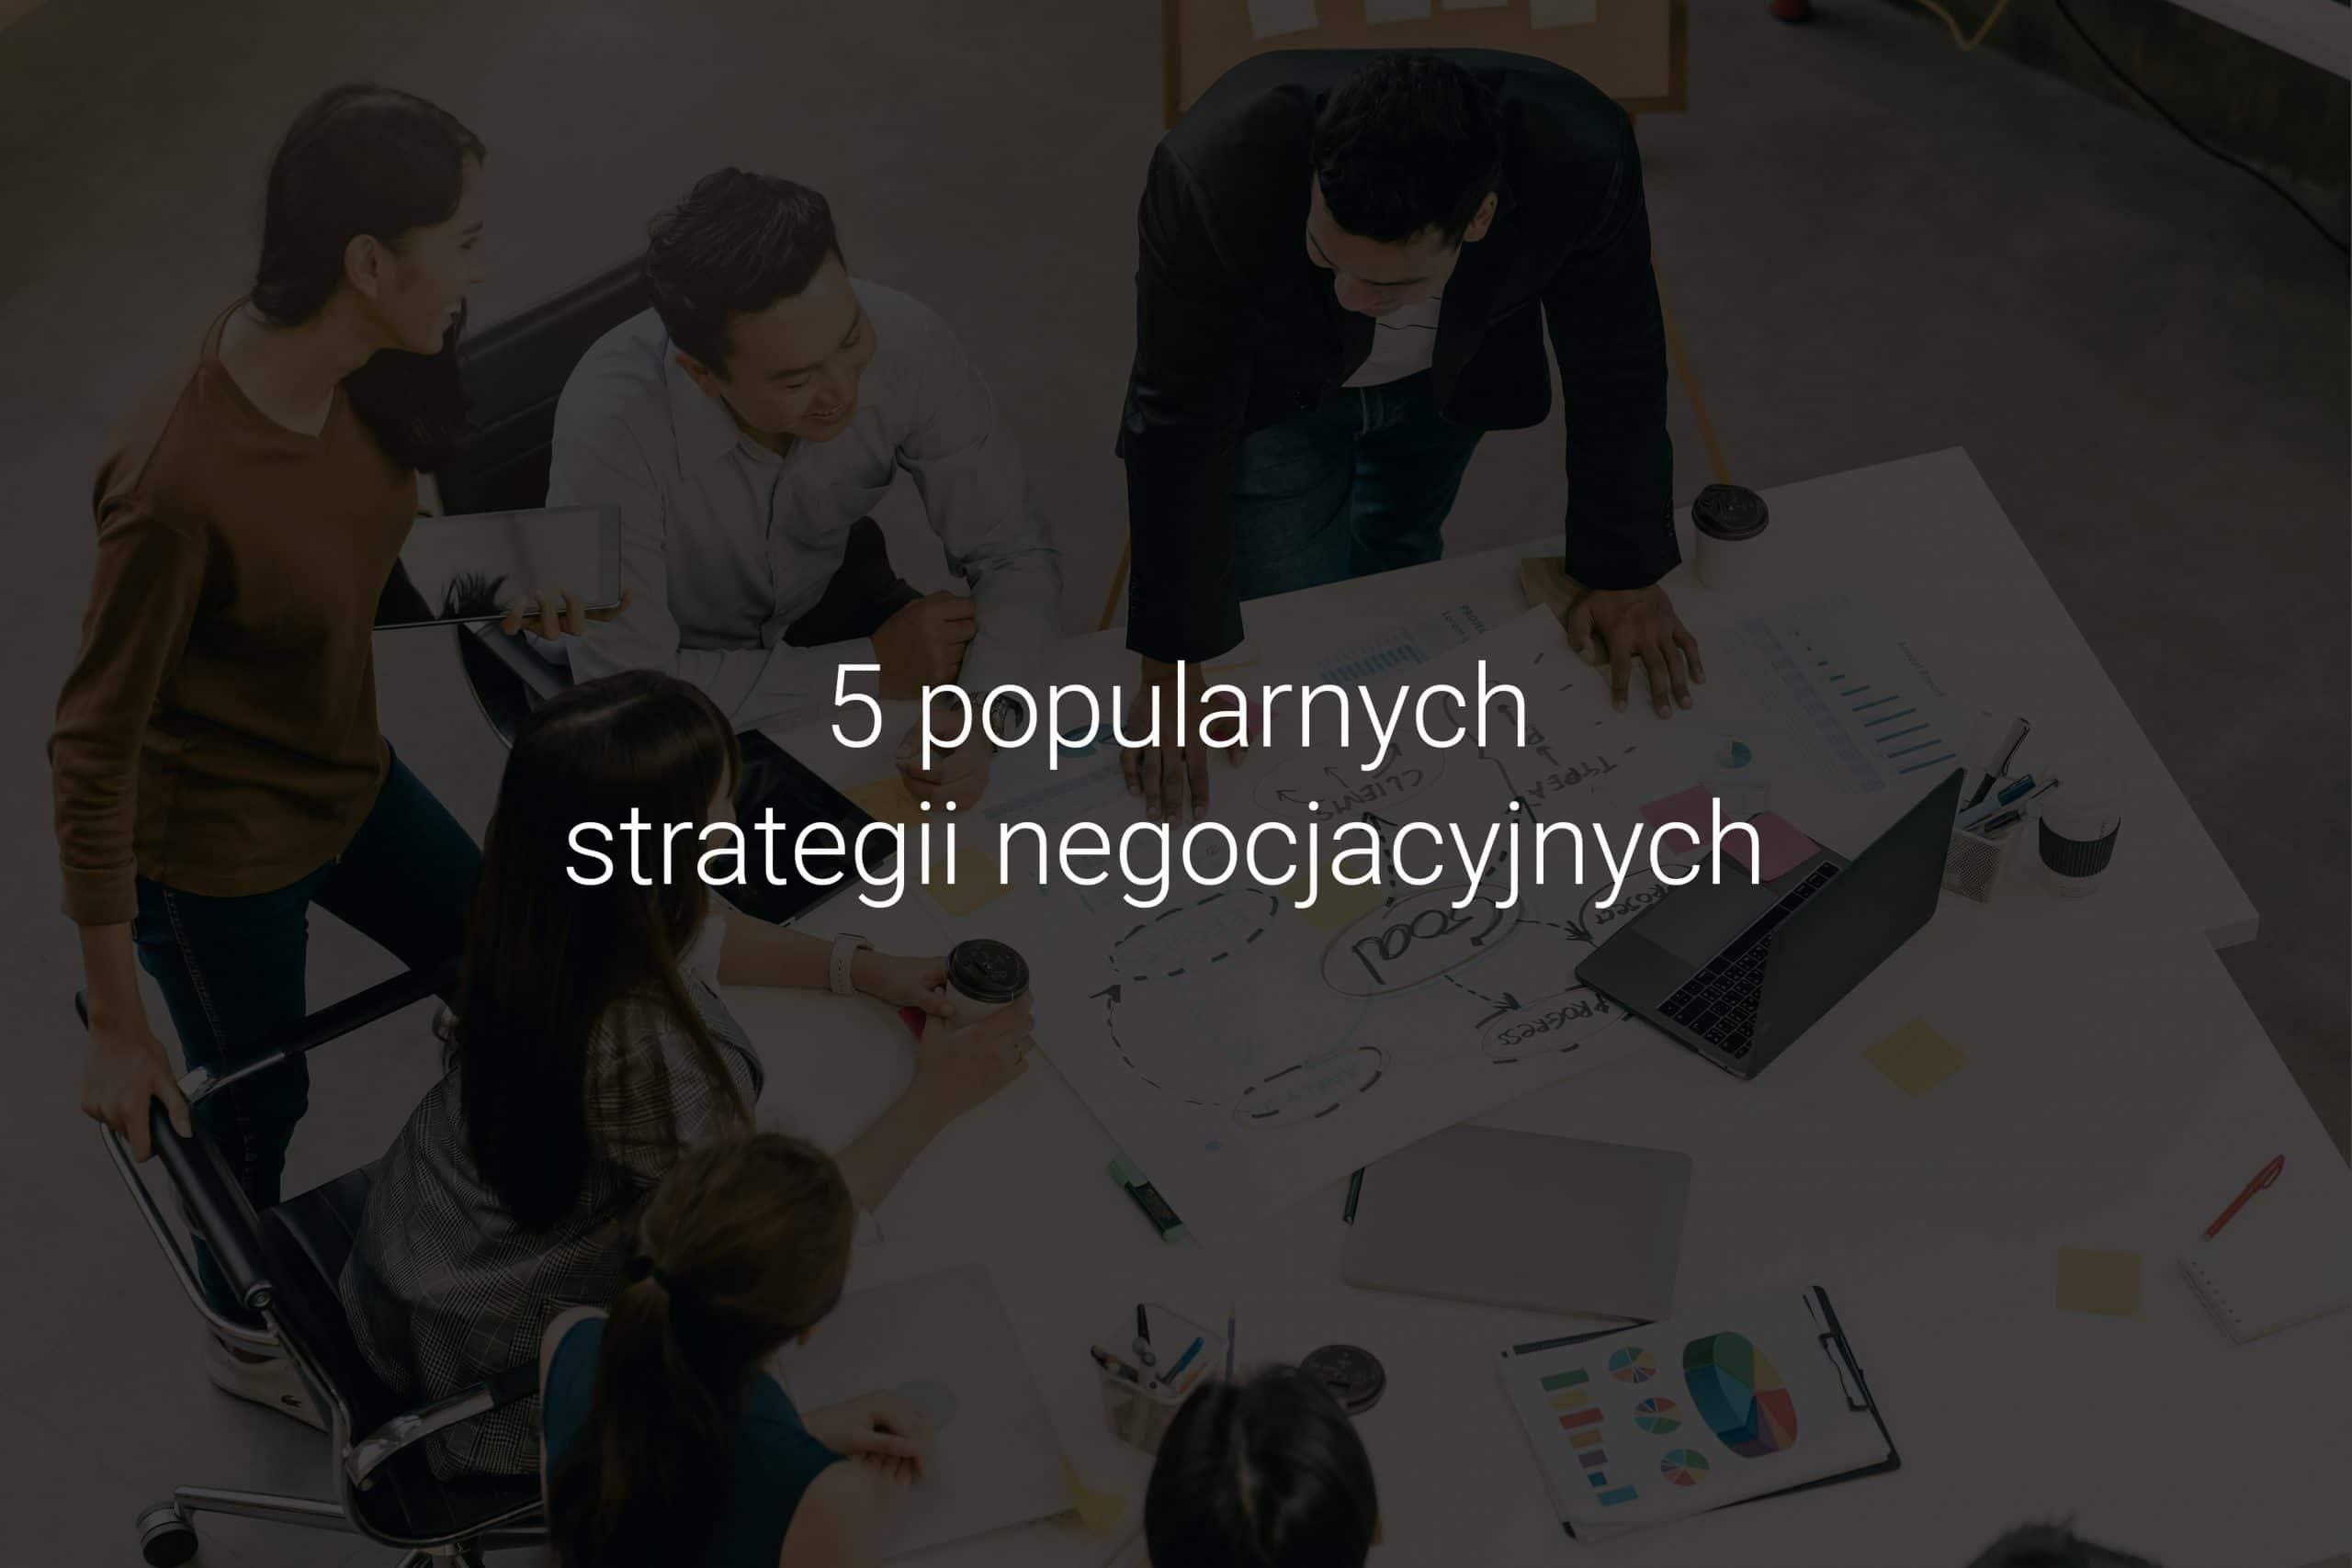 5 popularnych strategii negocjacyjnych - Eveneum